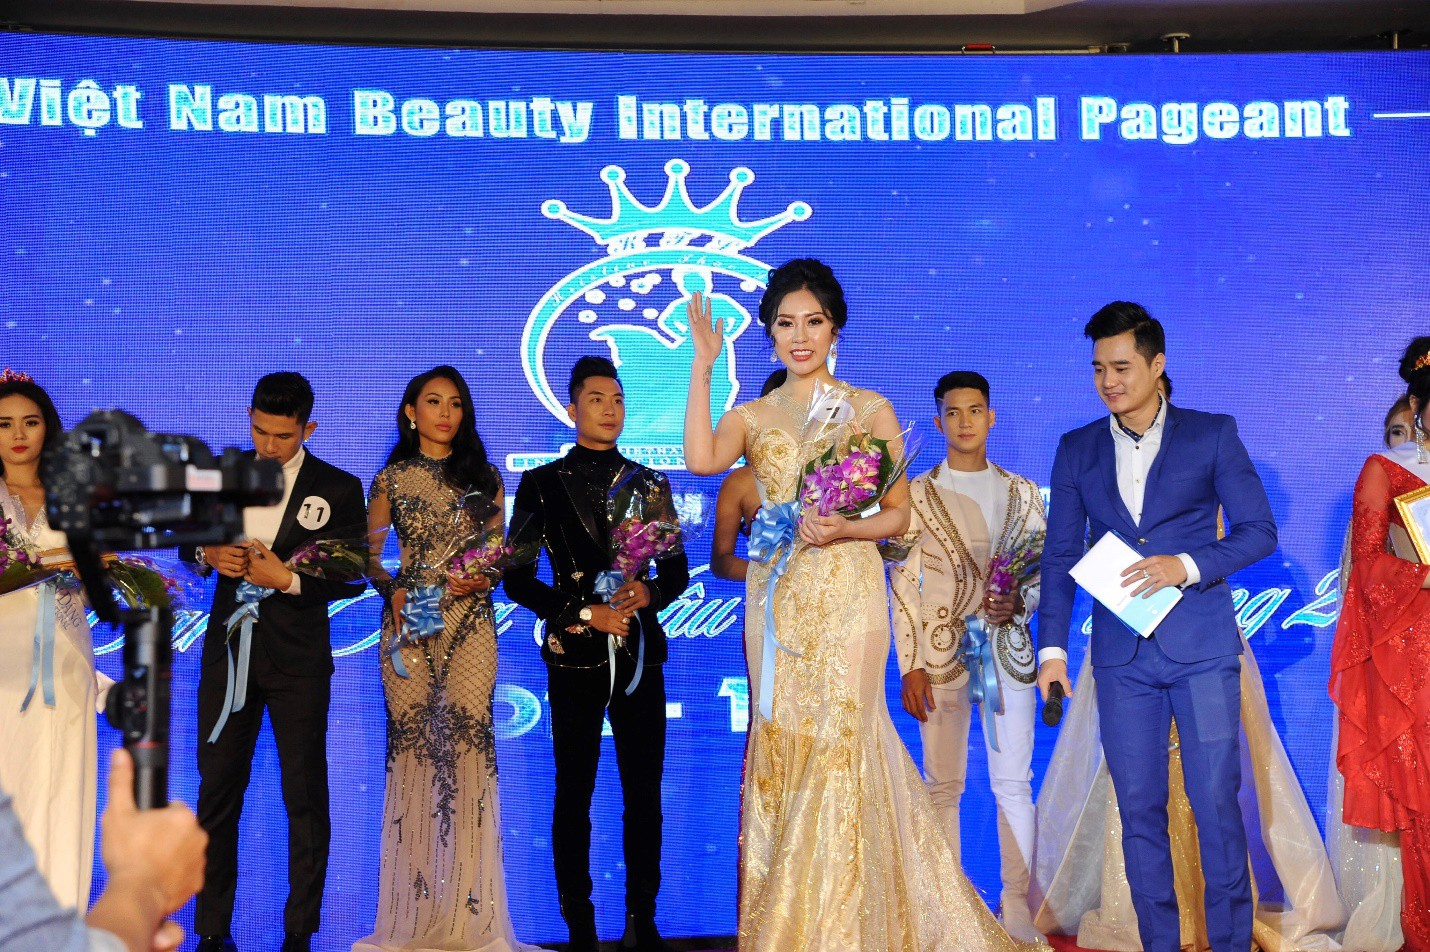 """Tô Diệp Hà đoạt giải """"Hoa hậu tài năng"""" tại Ms Vietnam Beauty International Pageant 2018 - Ảnh 3."""